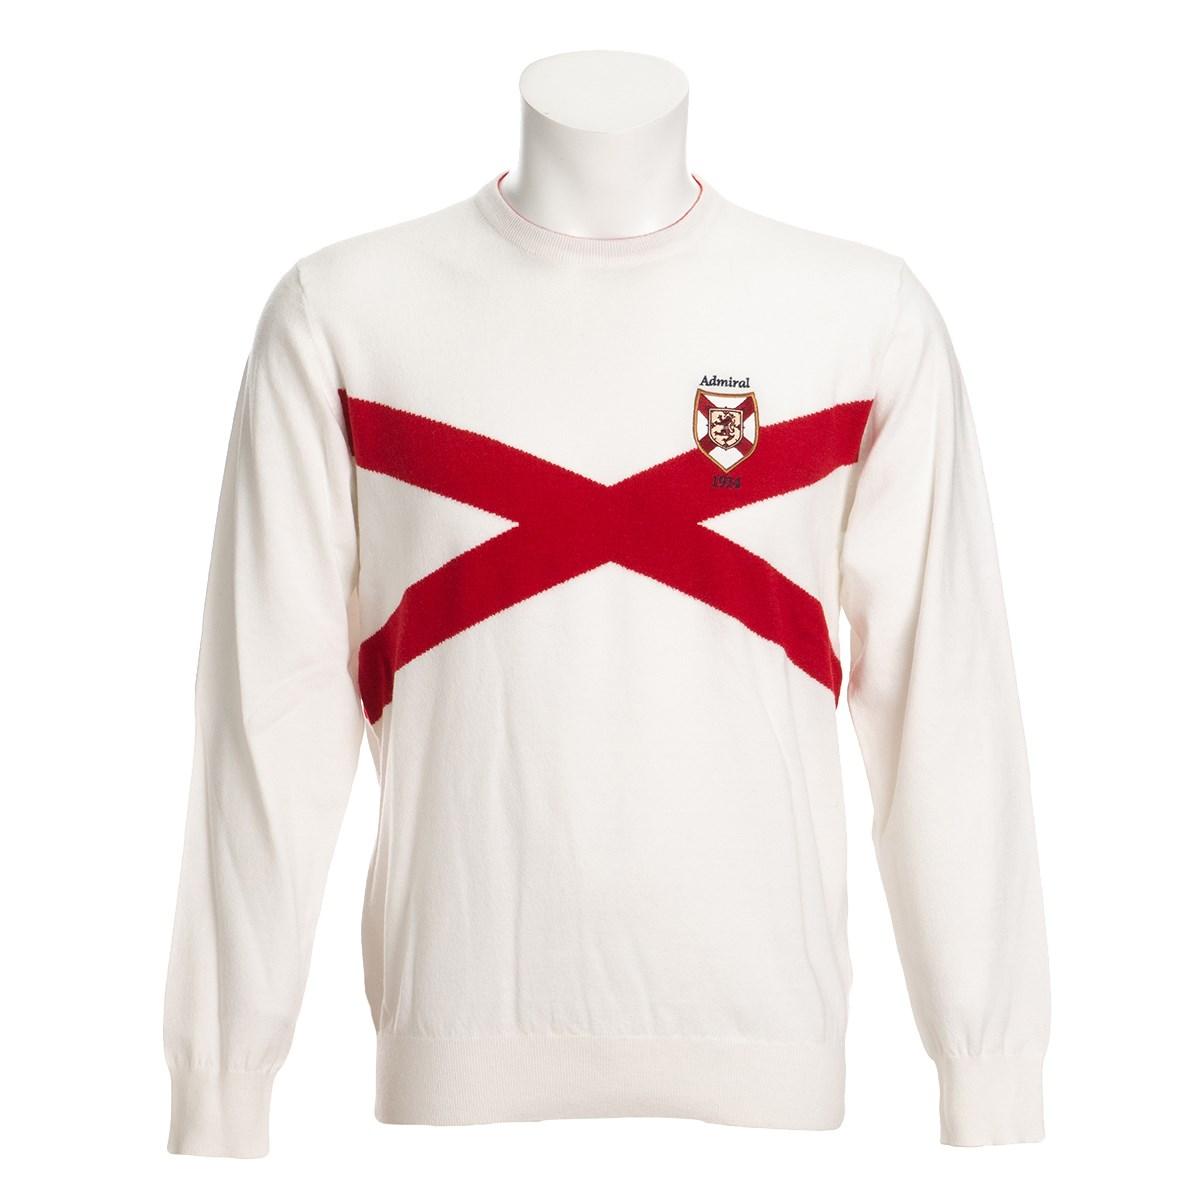 アドミラル アイルランドクロス ストレッチクルーネックセーター